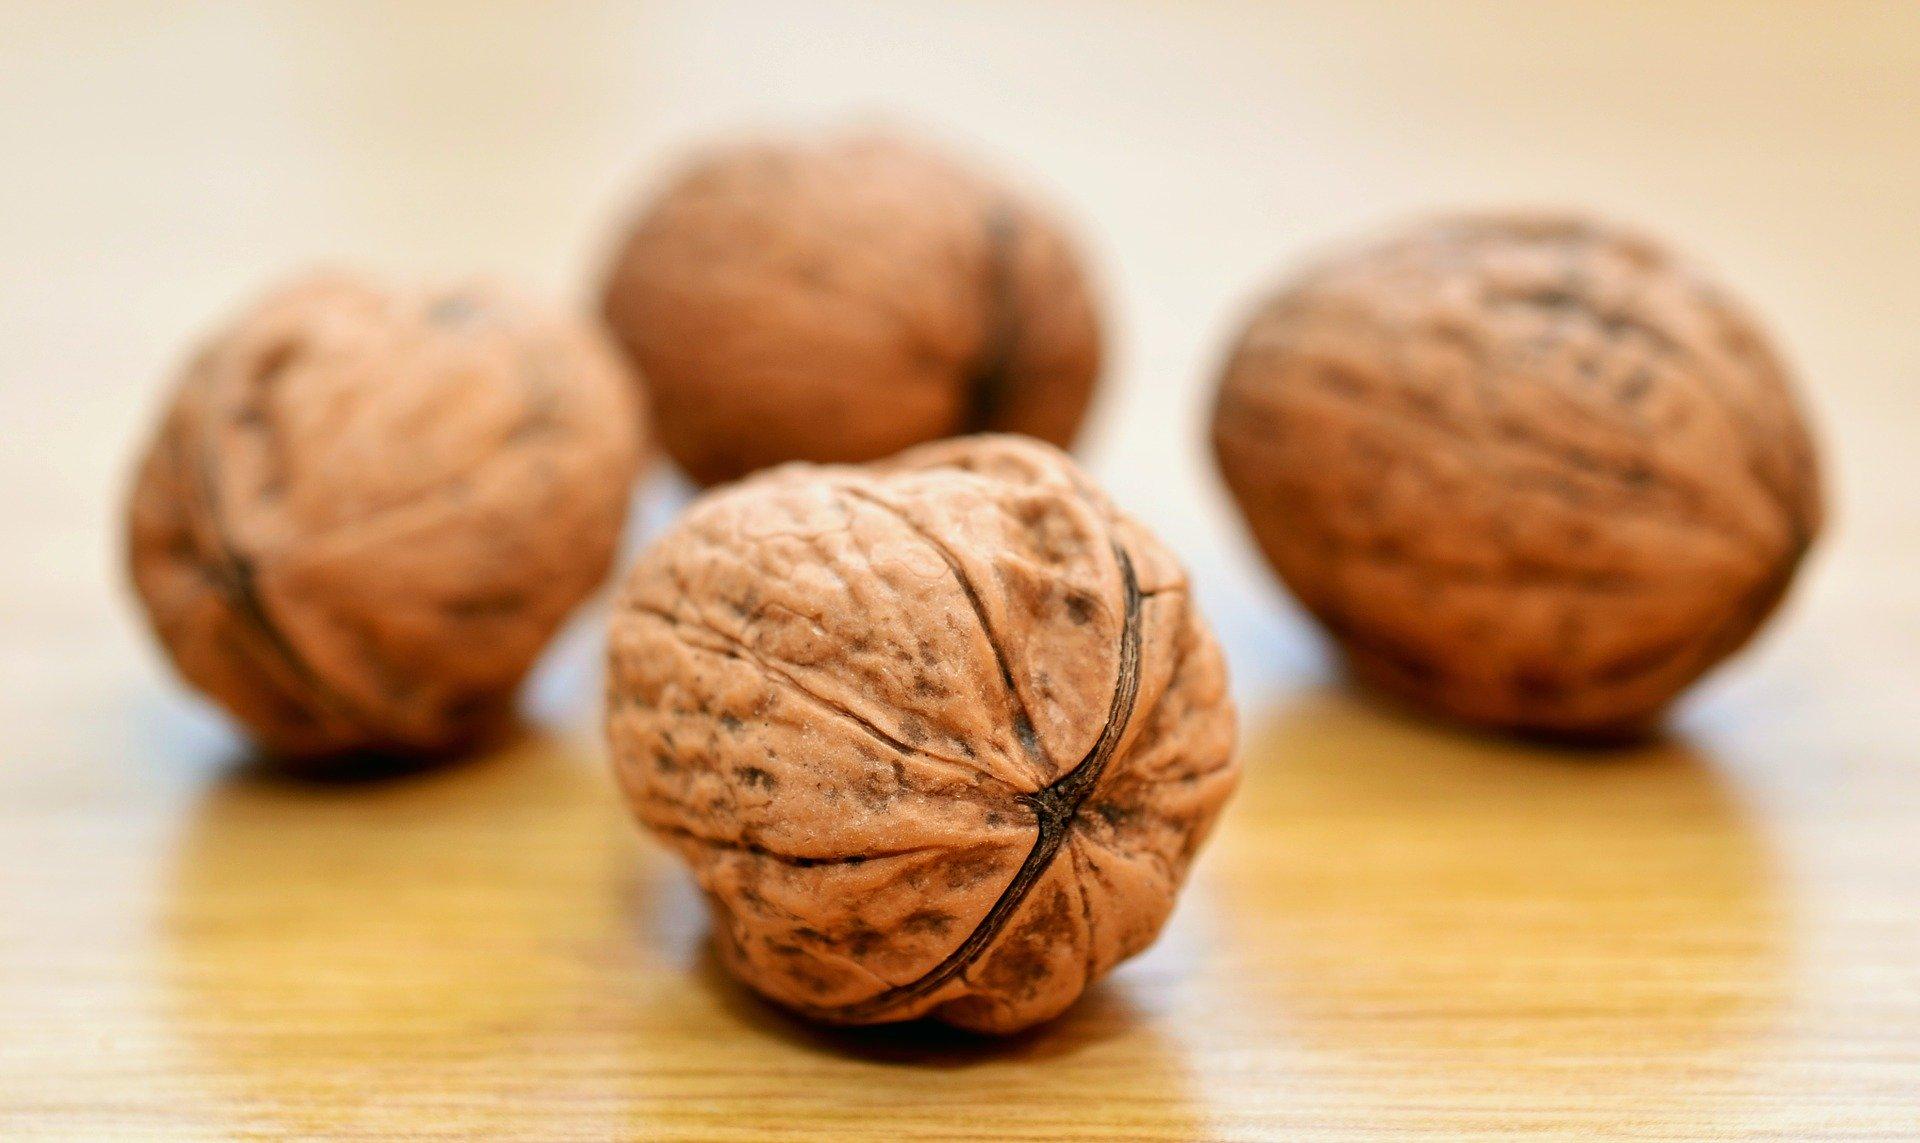 Produktion von Baumnüssen und getrockneten Früchten wird sich auf 4,5 Millionen bzw. 3,3 Millionen Tonnen belaufen